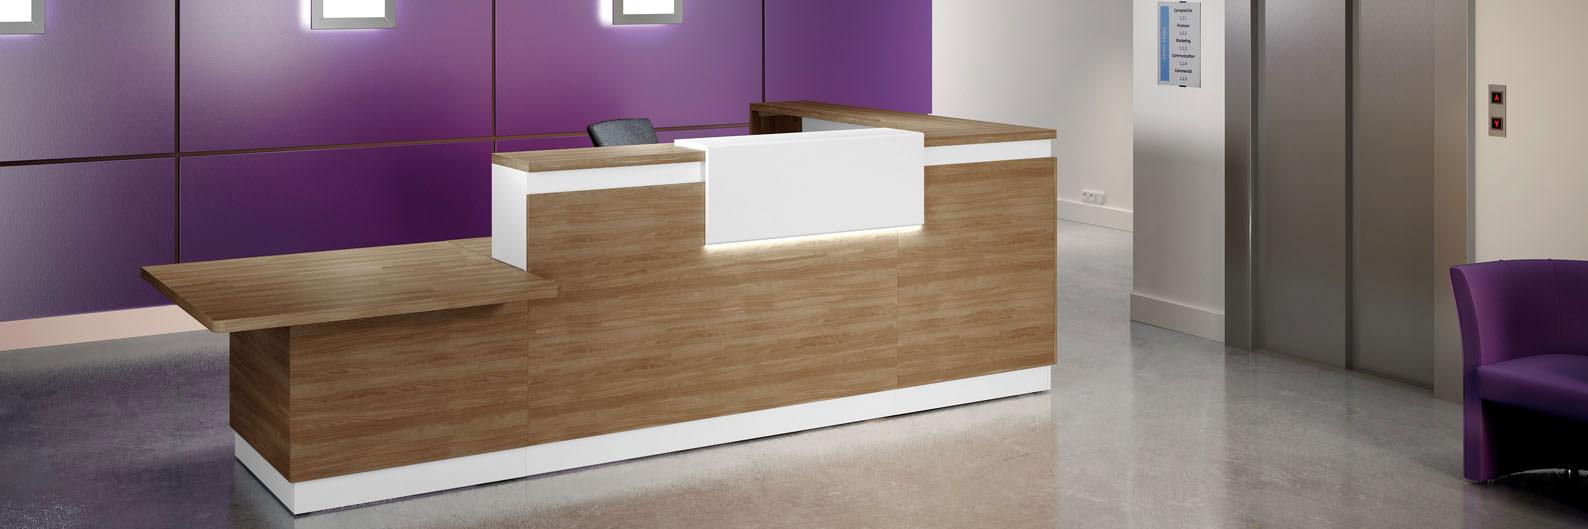 Banque d'accueil un mobilier d'entreprise adapté